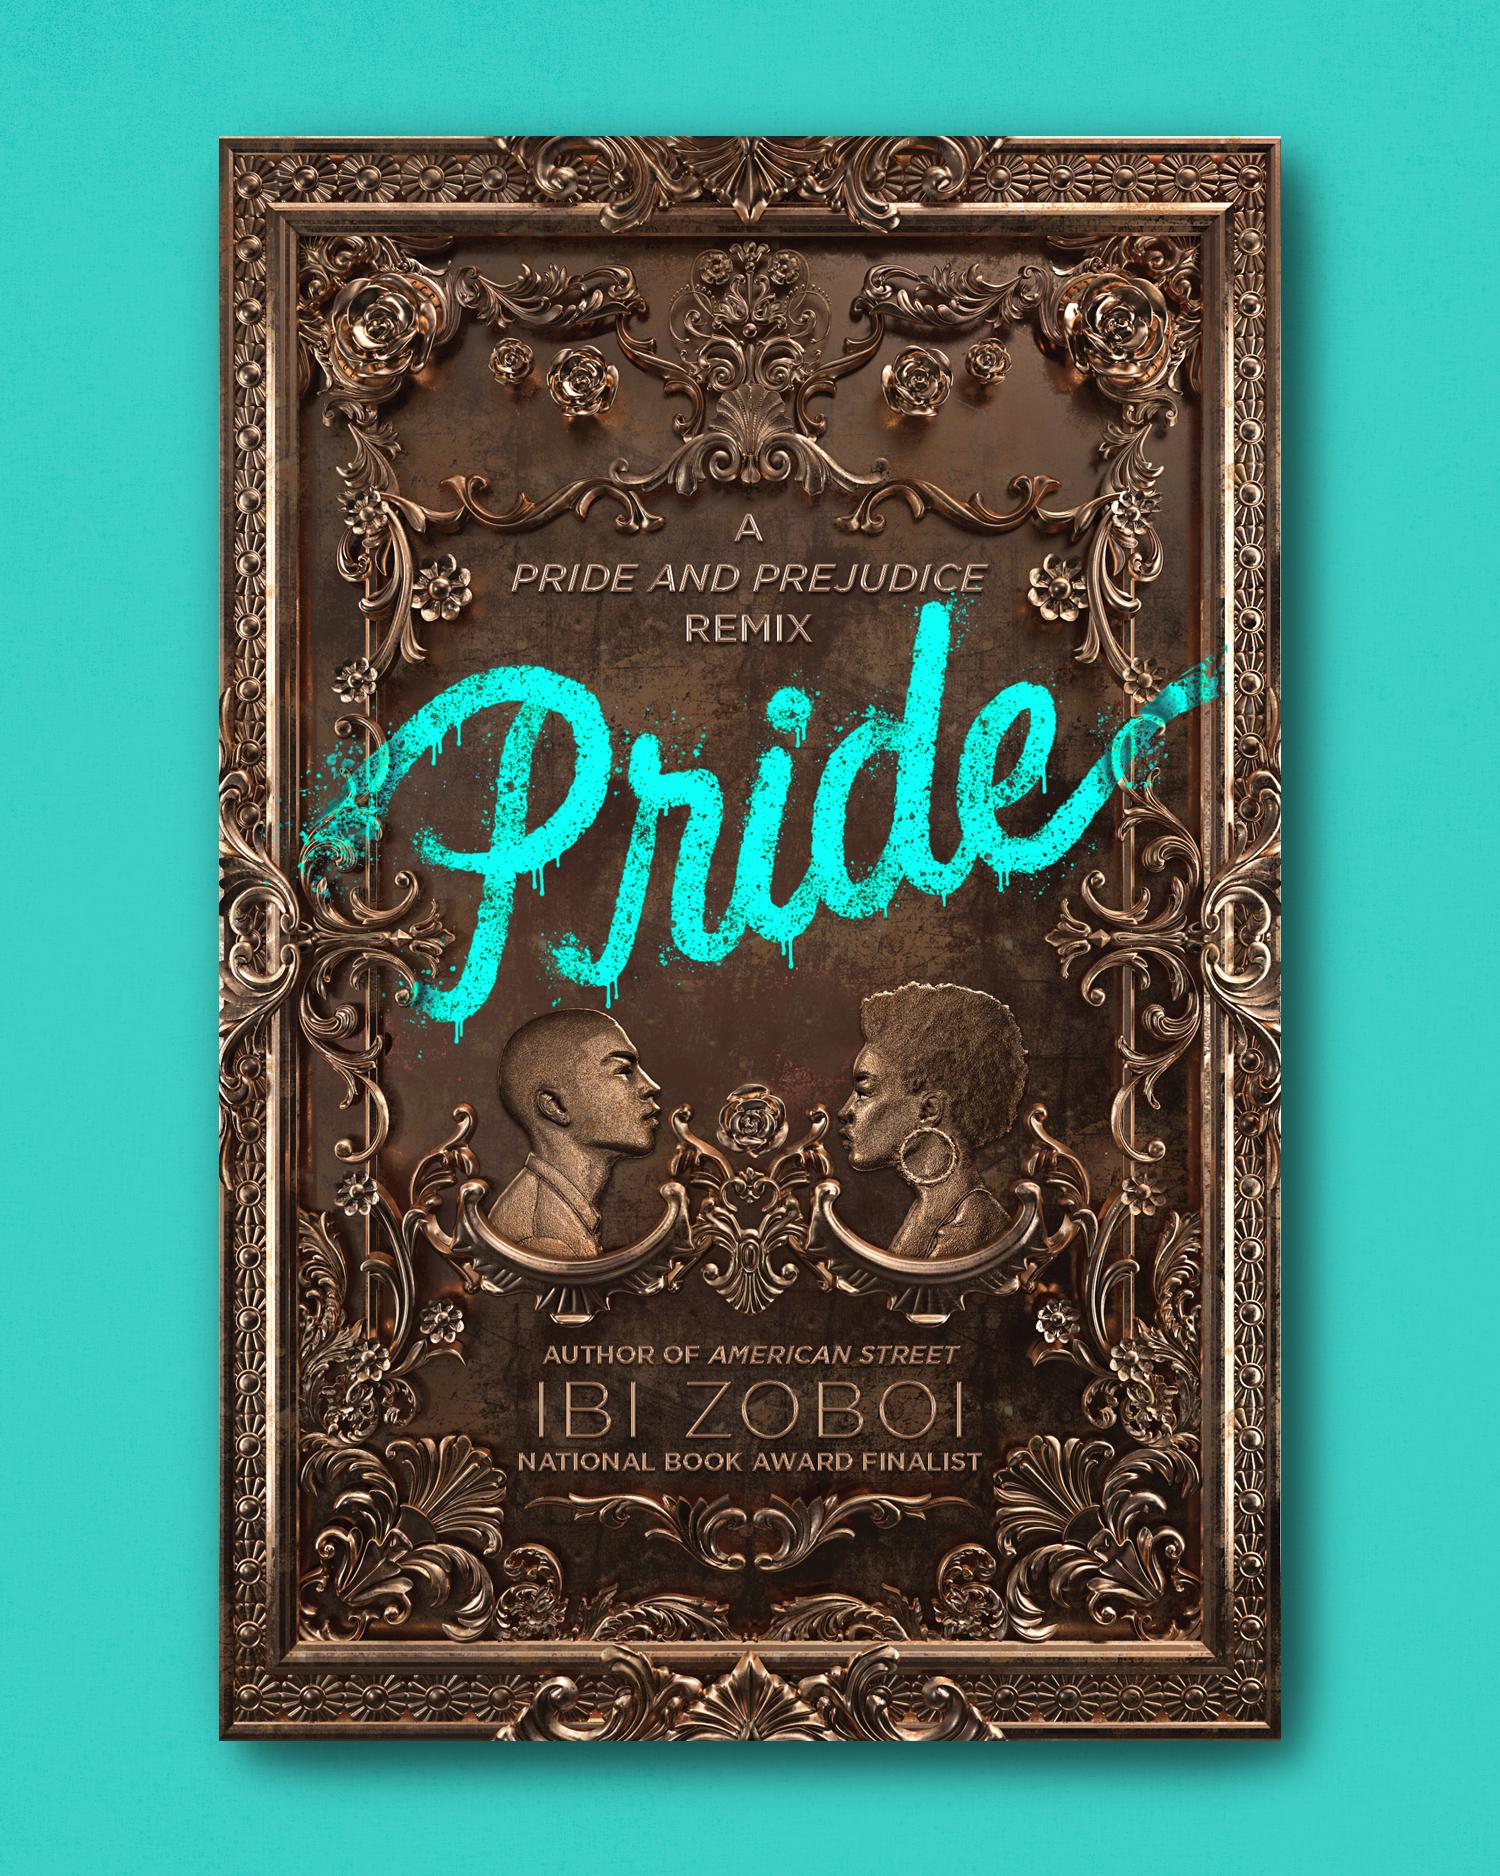 Fullsize_StempelLobell_Pride.jpg